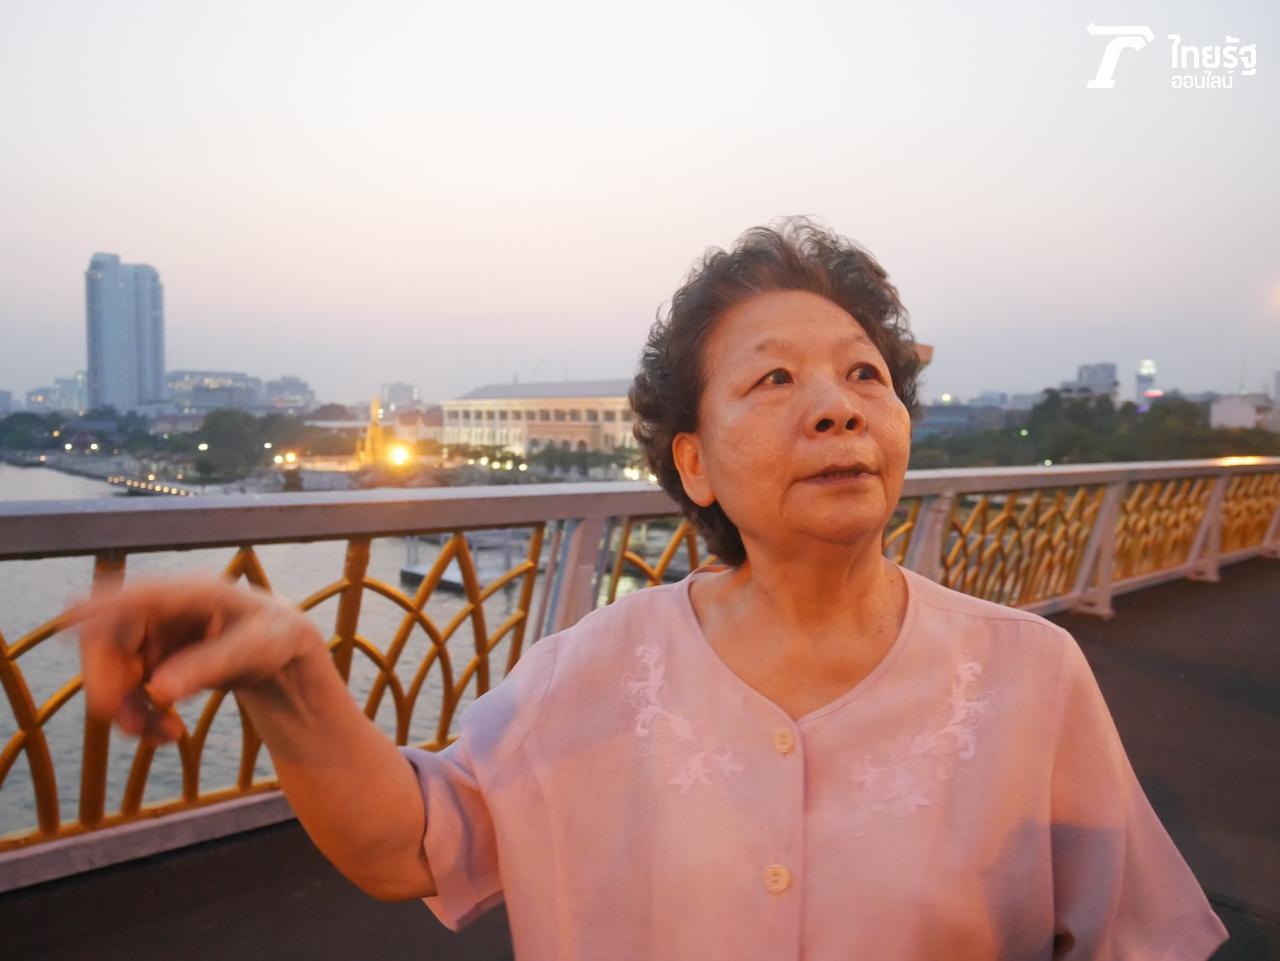 คุณป้าวัย 77 ปี เคยเจอเหตุการณ์ที่มีคนคิดฆ่าตัวตายบนสะพานพระราม 8